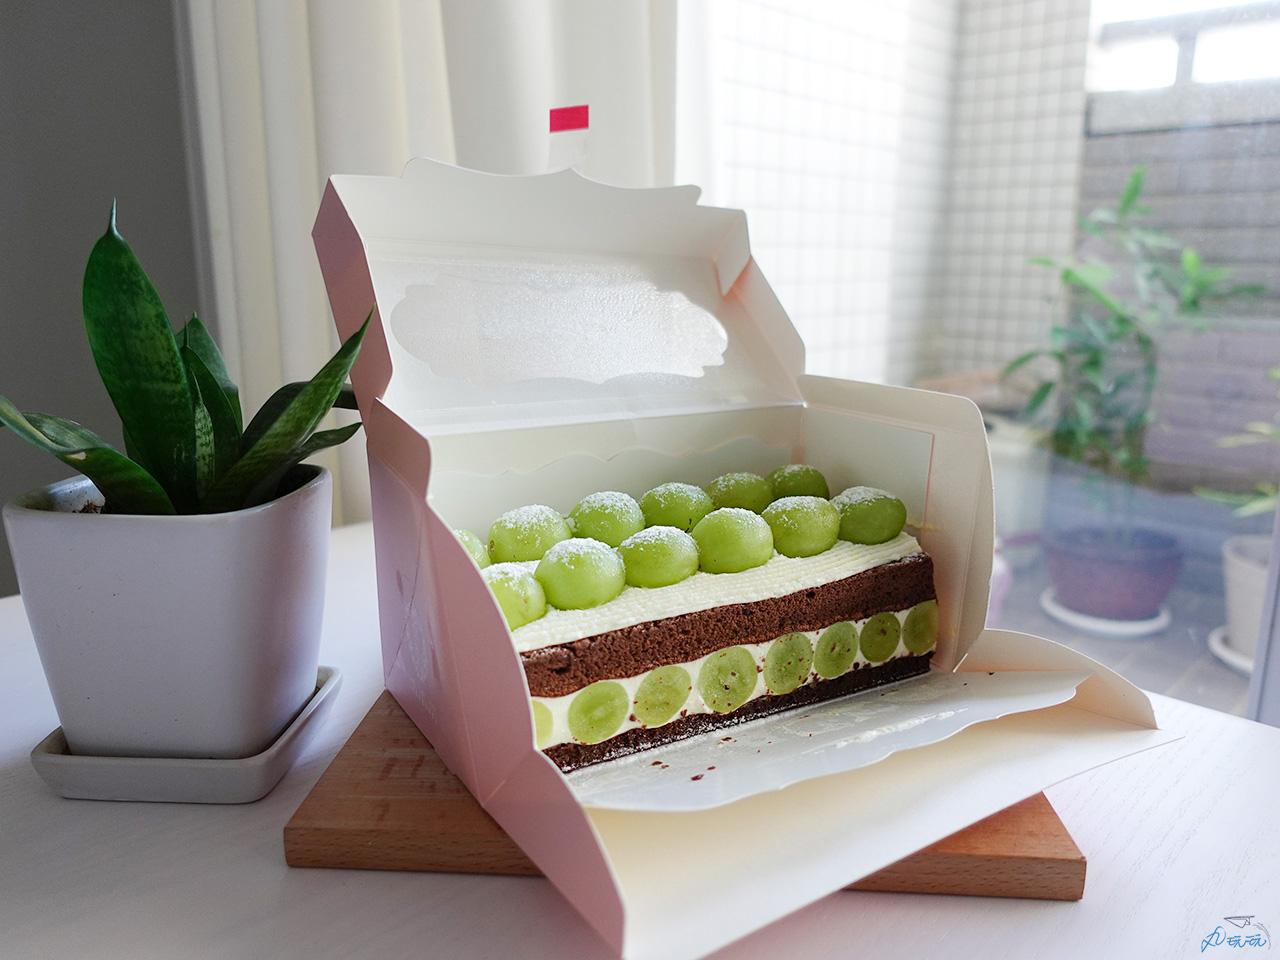 雙層葡萄蛋糕